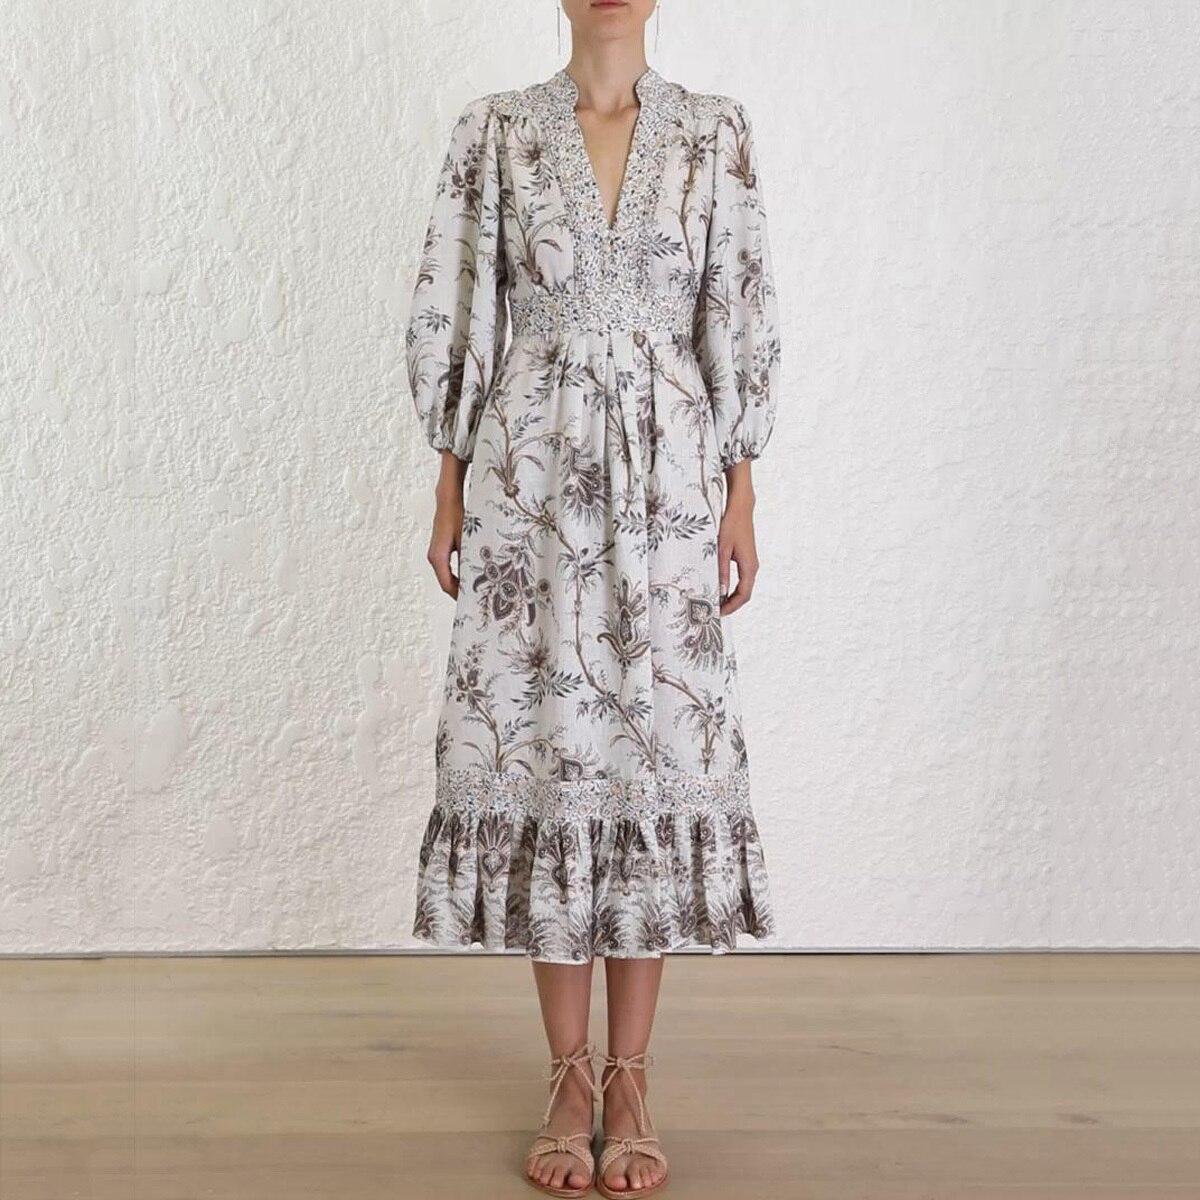 Jastie 2019 nouvelle robe d'été v-cut Blouson boîtier robes Midi femmes imprimé Floral robe Boho Chic Hippie vacances vêtements de plage